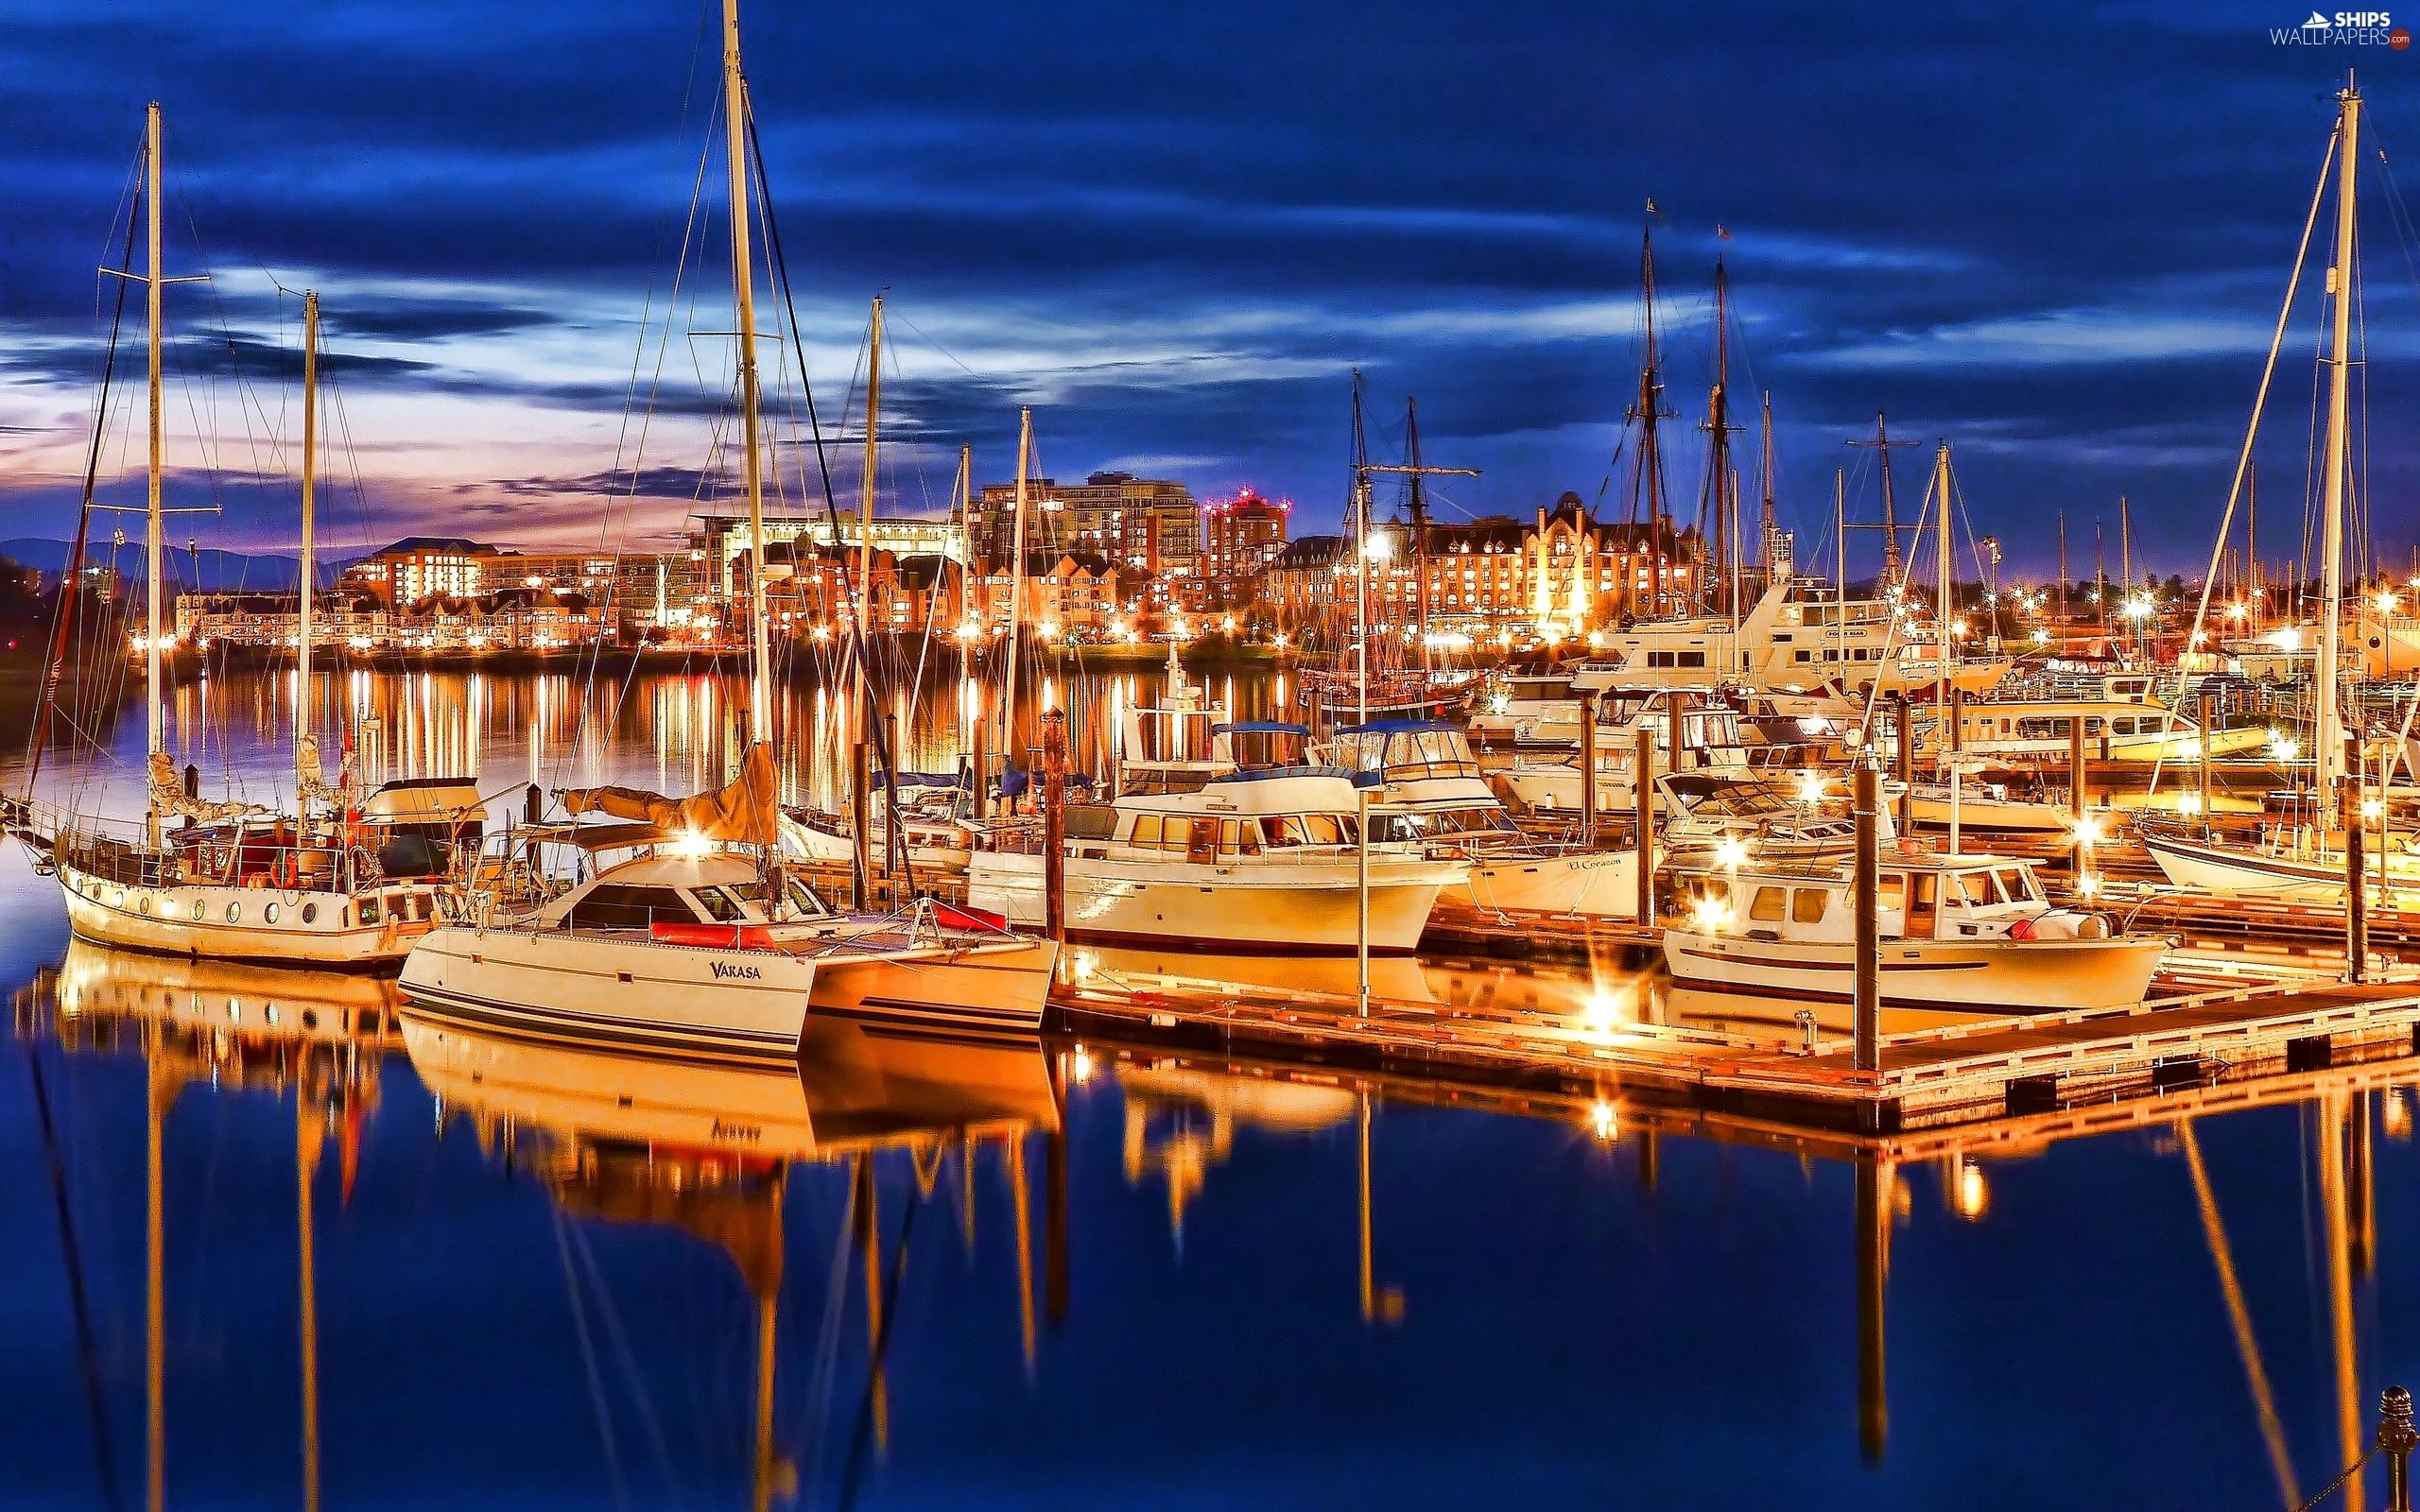 Yachts At Night Yachts: Yachts At Nigh...